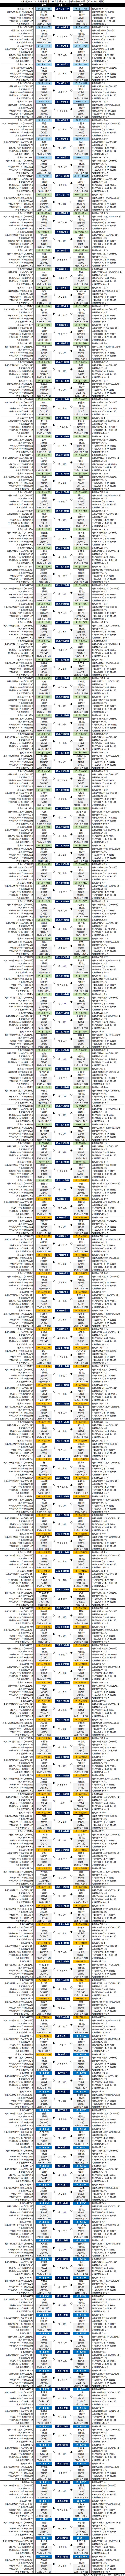 大相撲・2020年3月場所5日目・幕下以下の取組結果